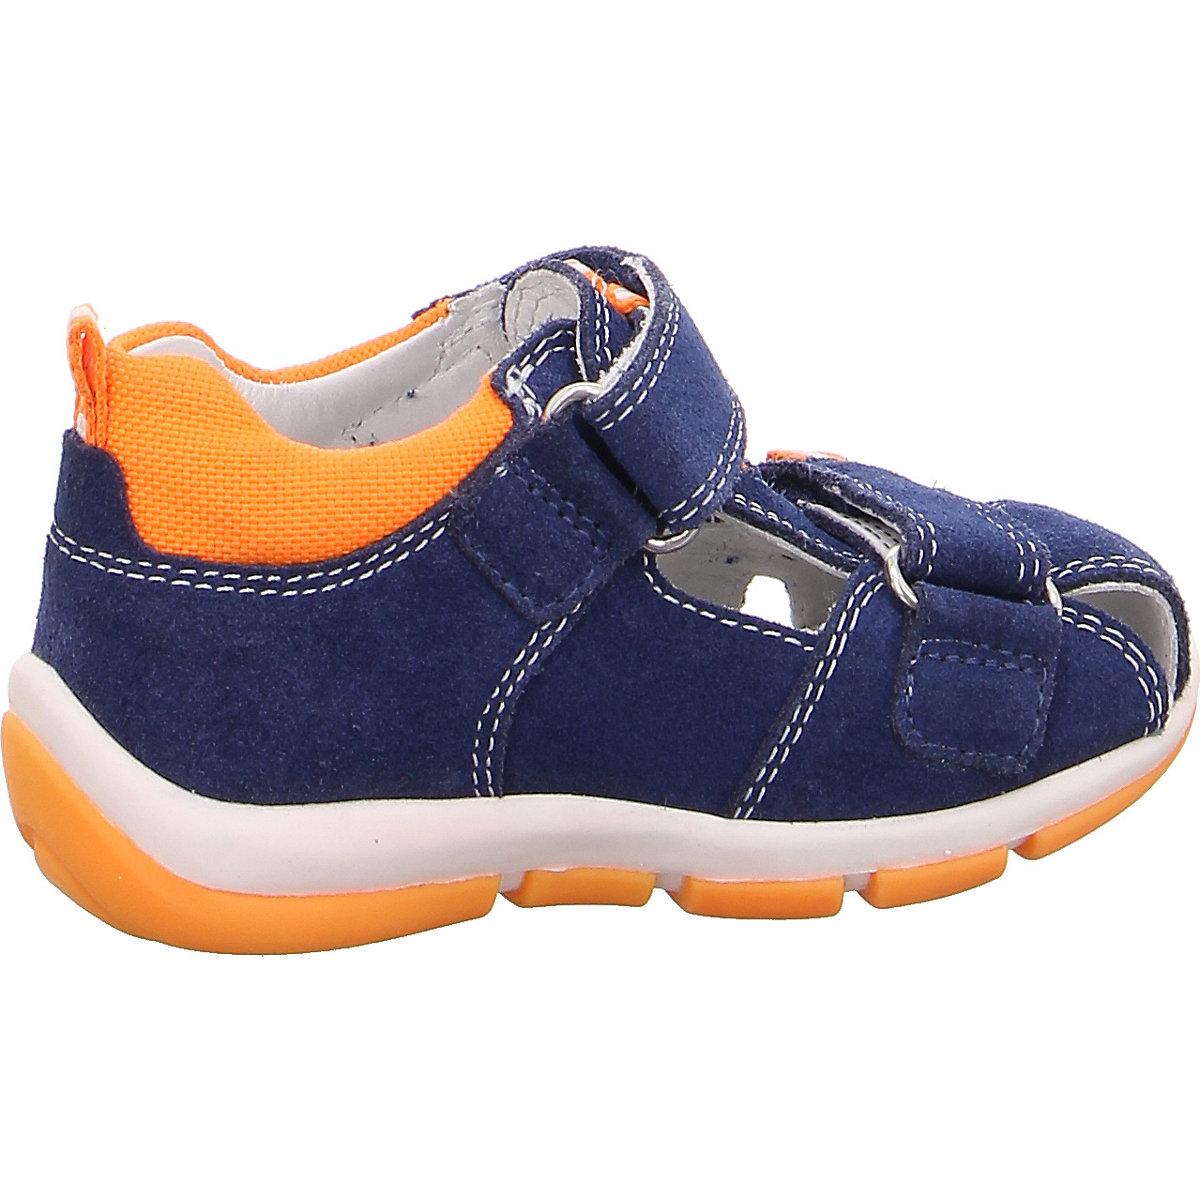 Superfit, Baby Sandalen Freddy Für Jungen, Wms-weite M4, Blau/orange